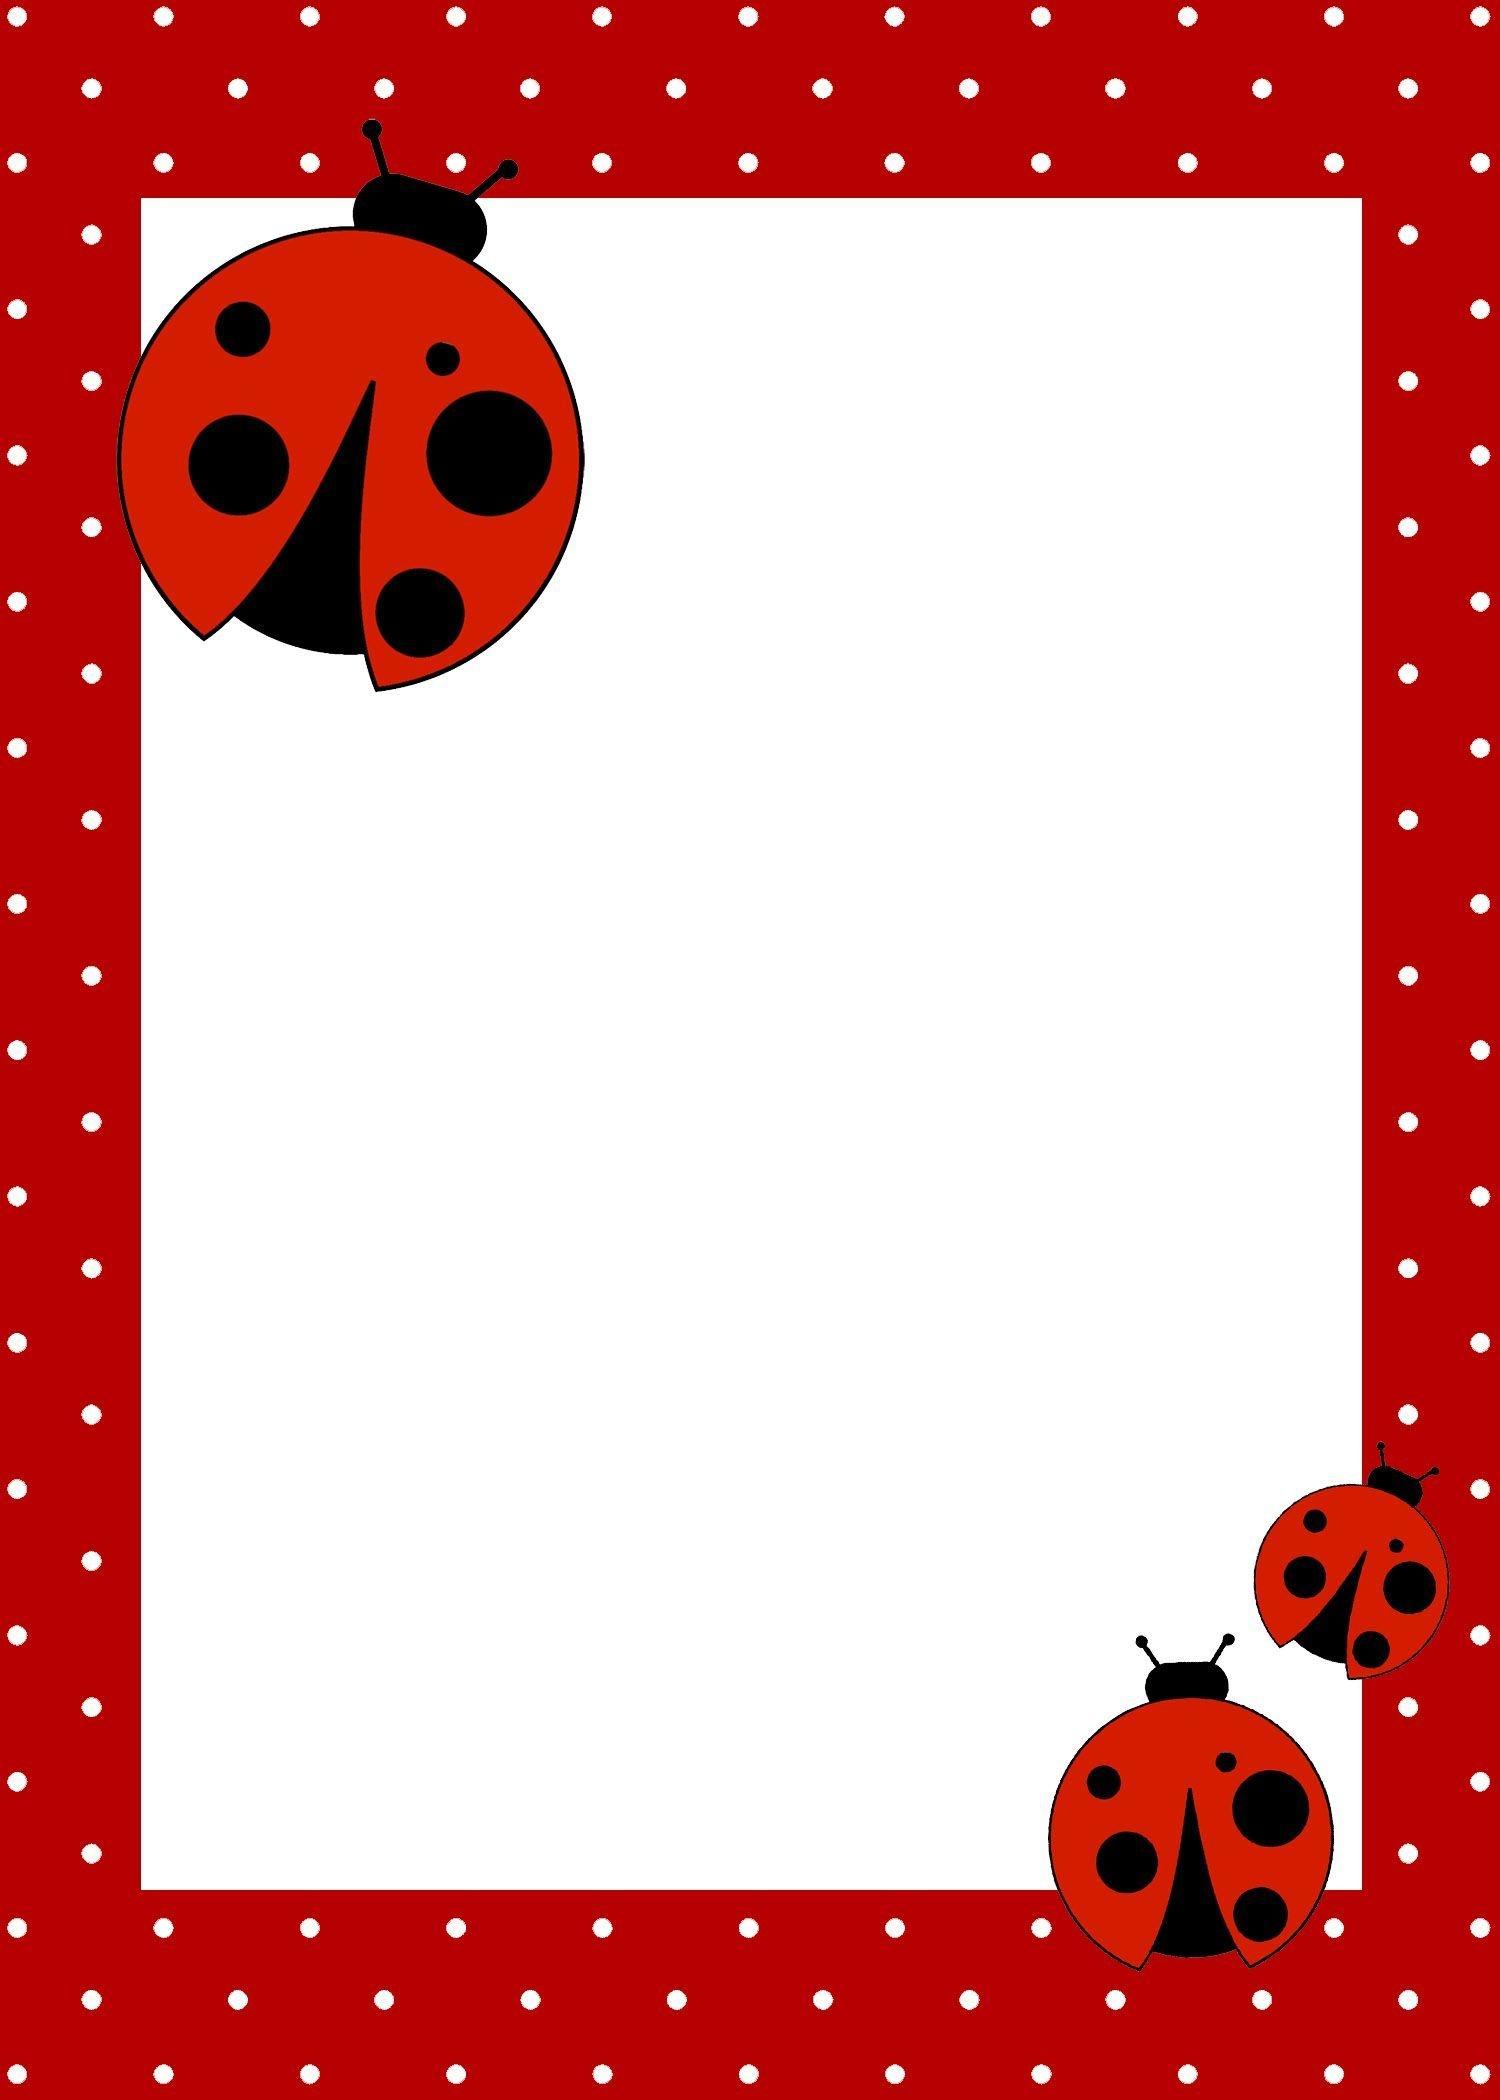 Ladybug Birthday Invitations Template Free - Tutlin.psstech.co - Free Printable Ladybug Invitations